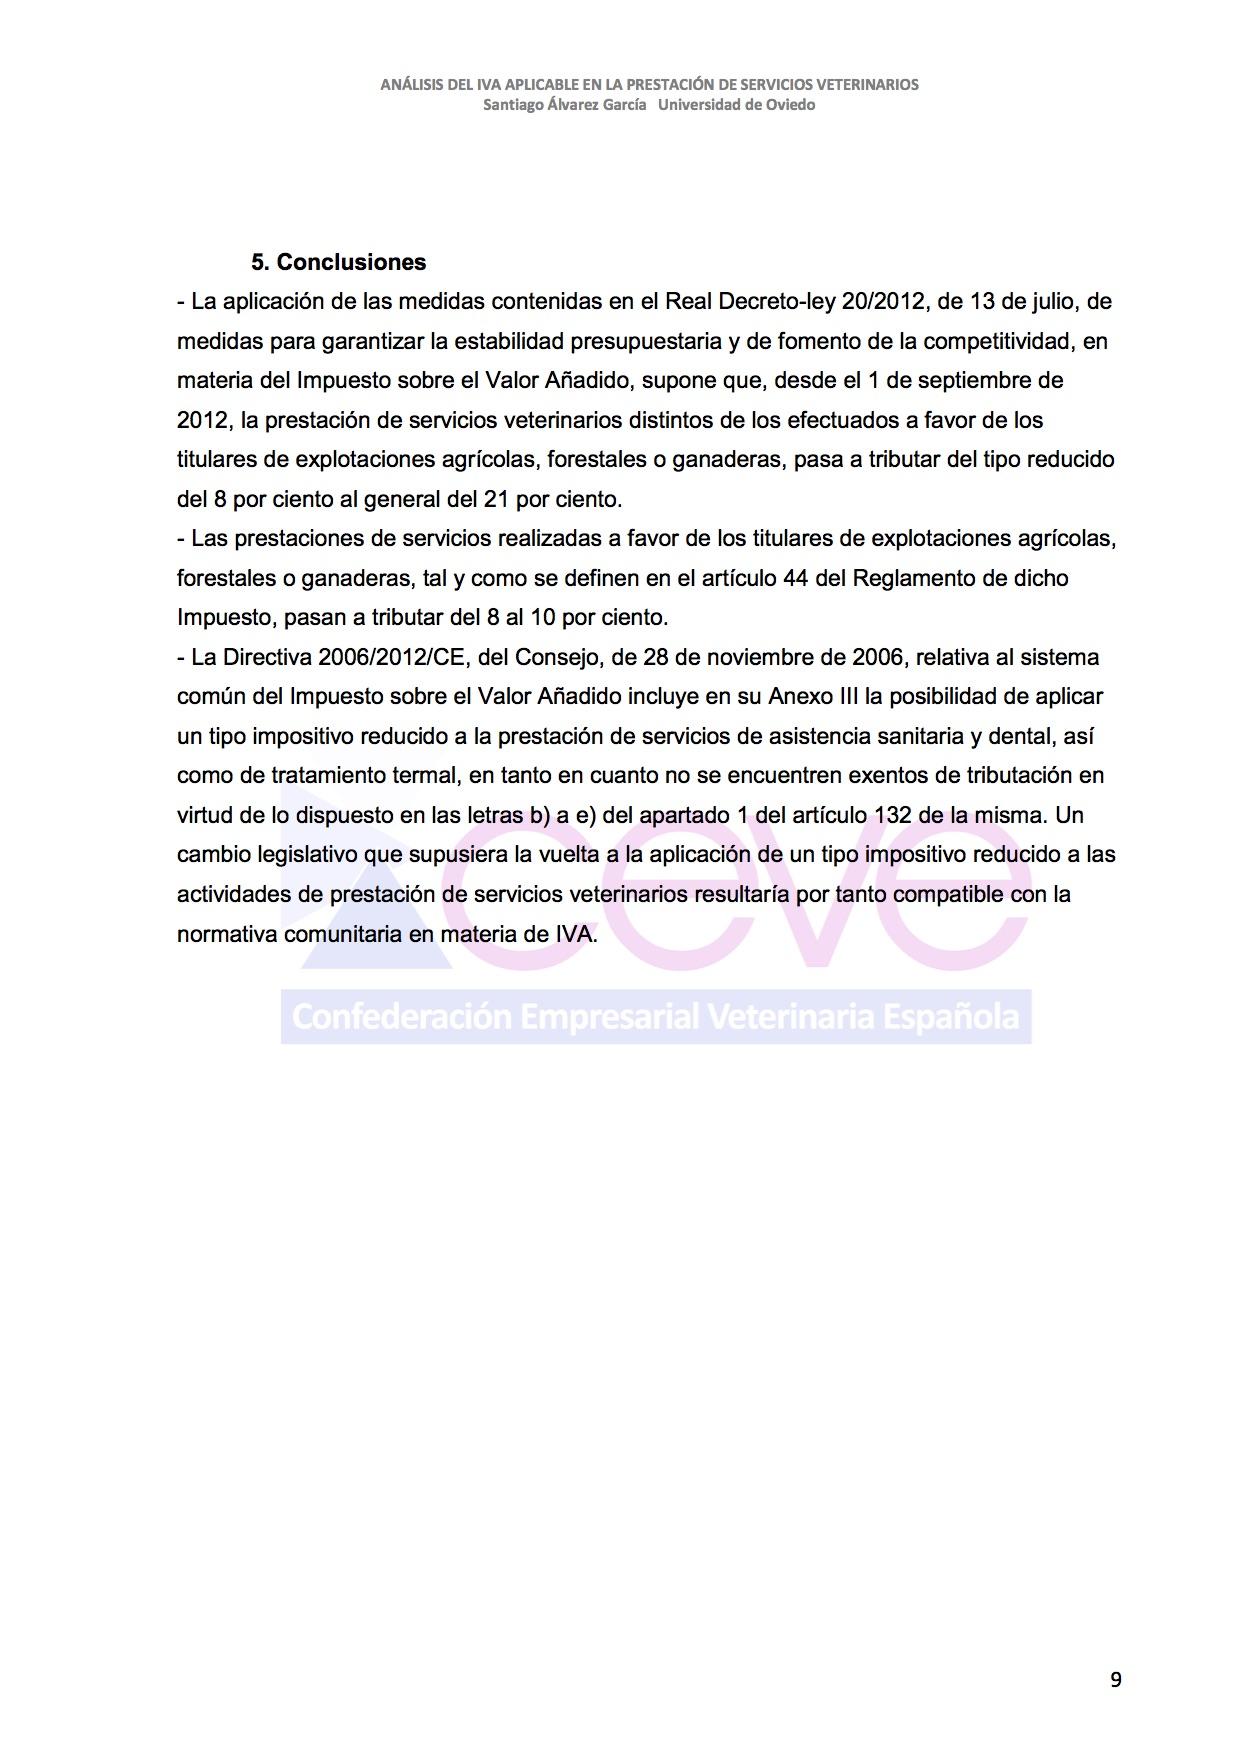 INFOME JURIDICO SOBRE EL IVA10 VETERINARIO DESBLOQUEADO